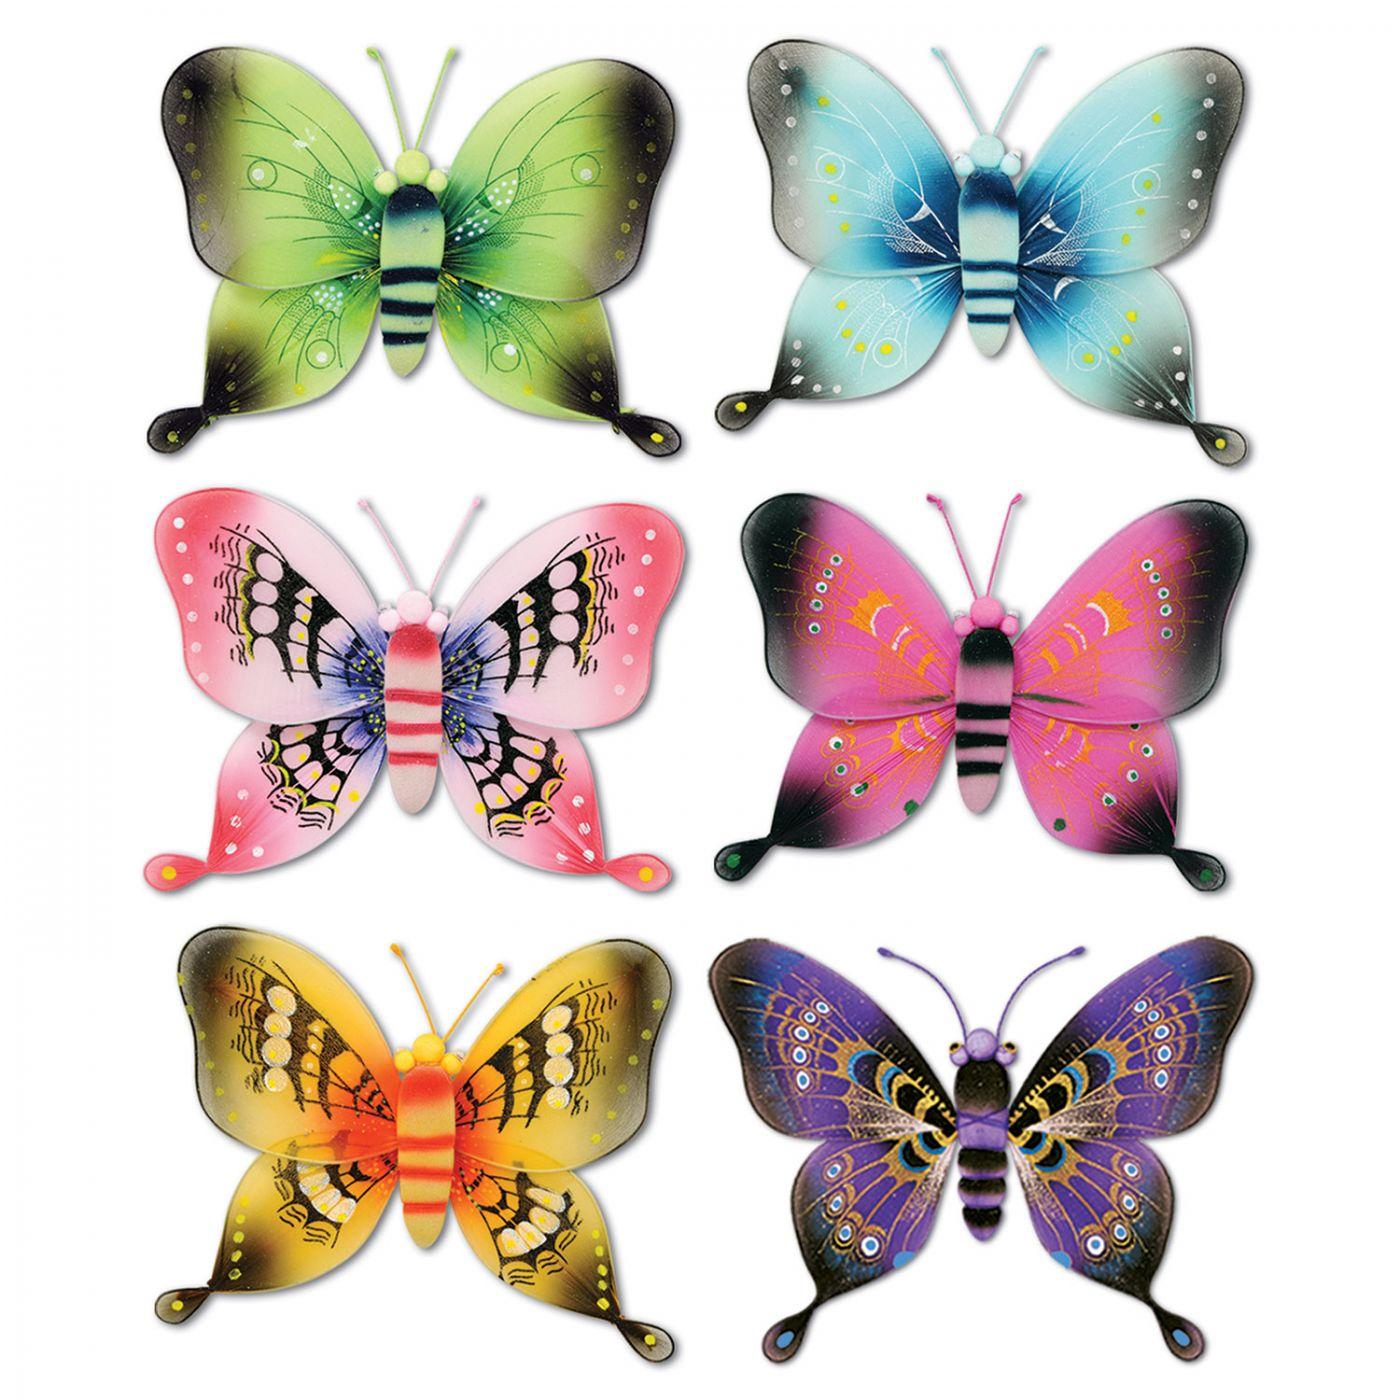 Jumbo Majestic Butterflies image